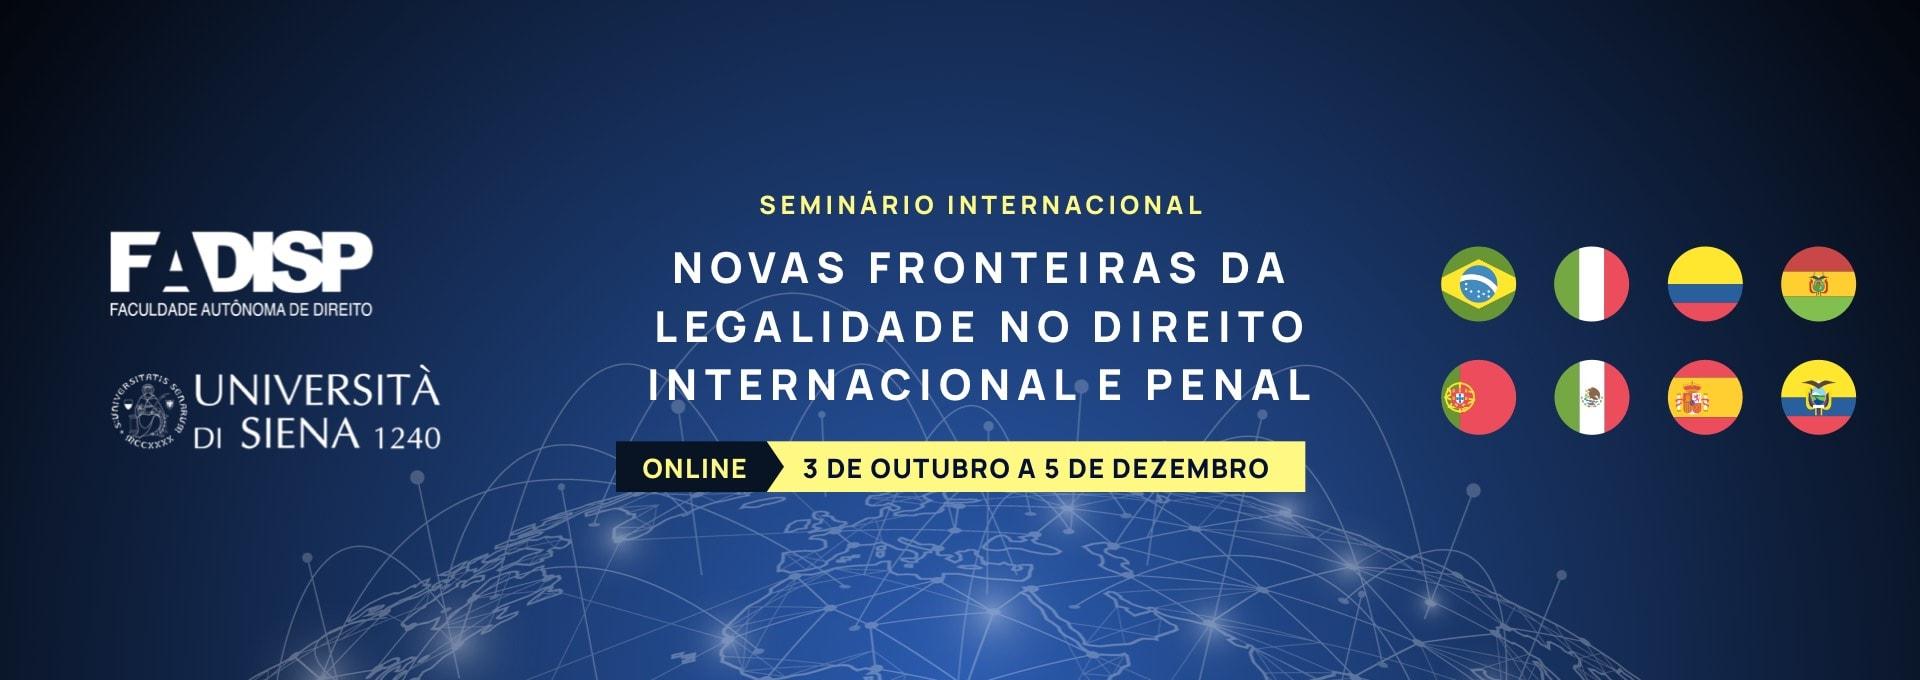 Seminário Internacional - Novas Fronteiras da Legalidade em Direito Internacional e Penal